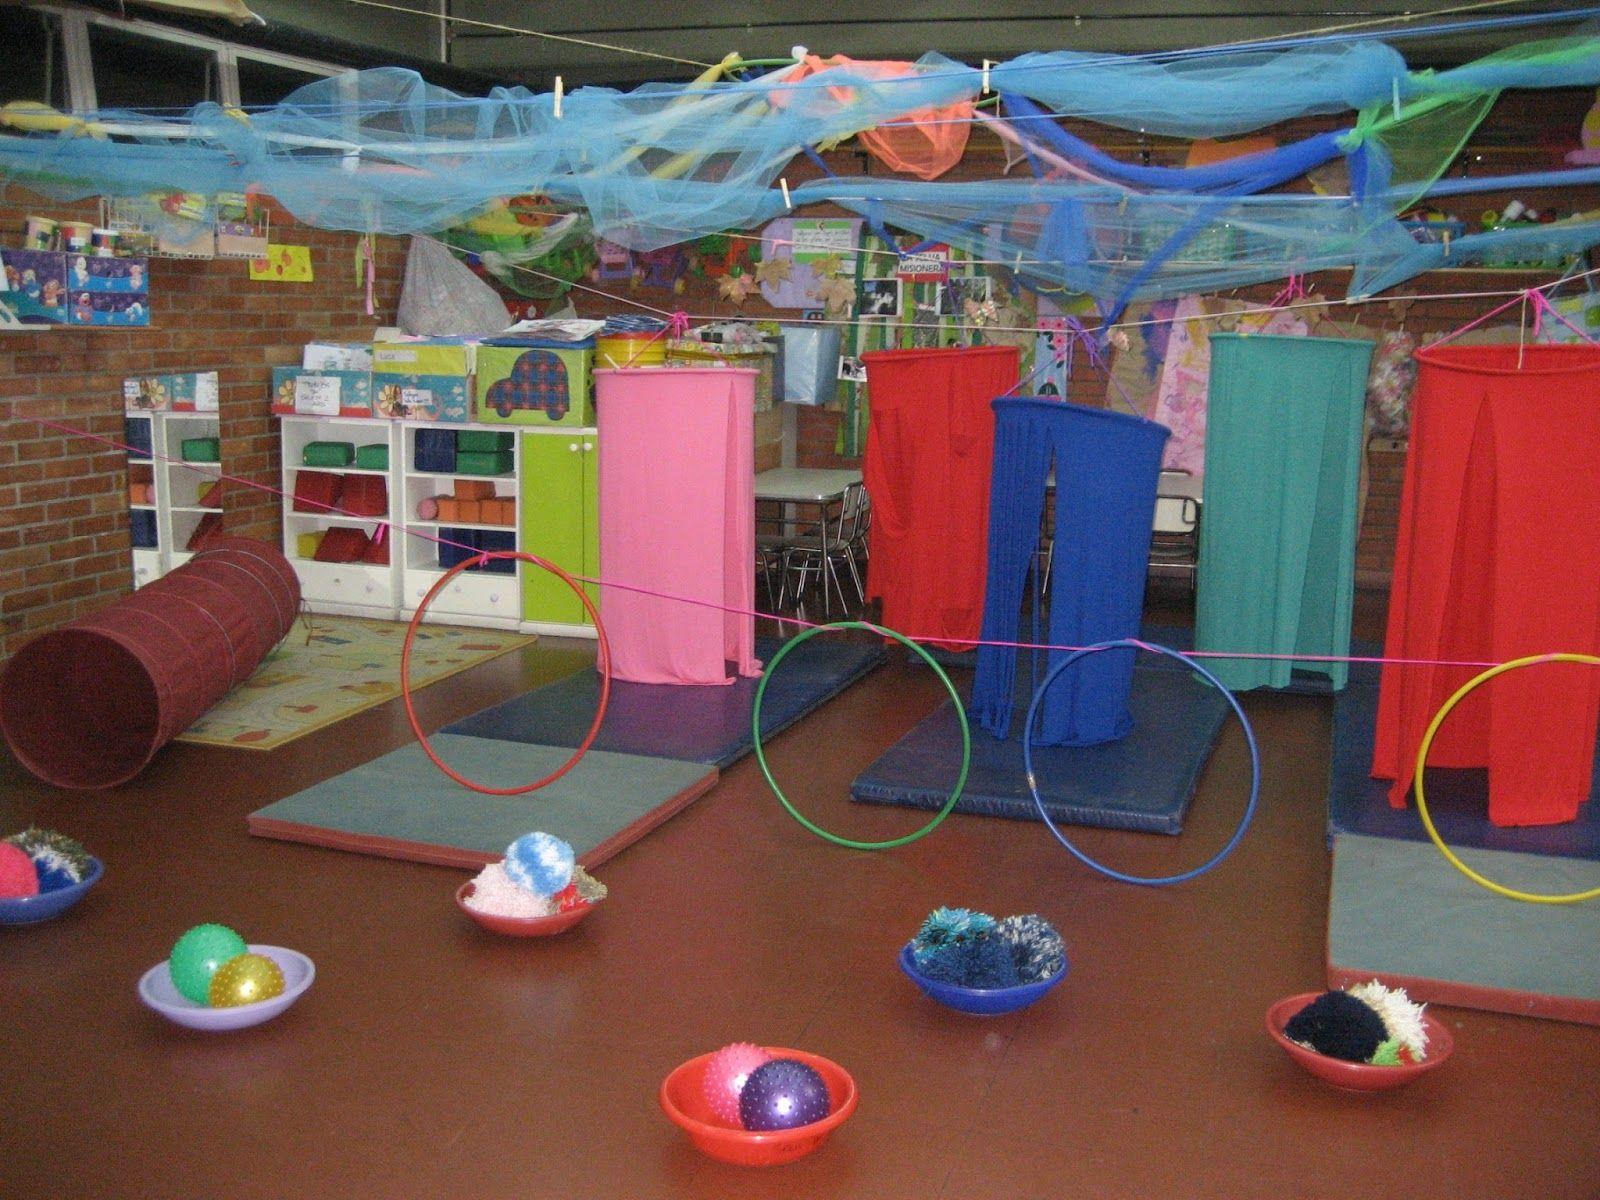 Preescolar Y Jardin De Infantes: Escenarios Ludicos